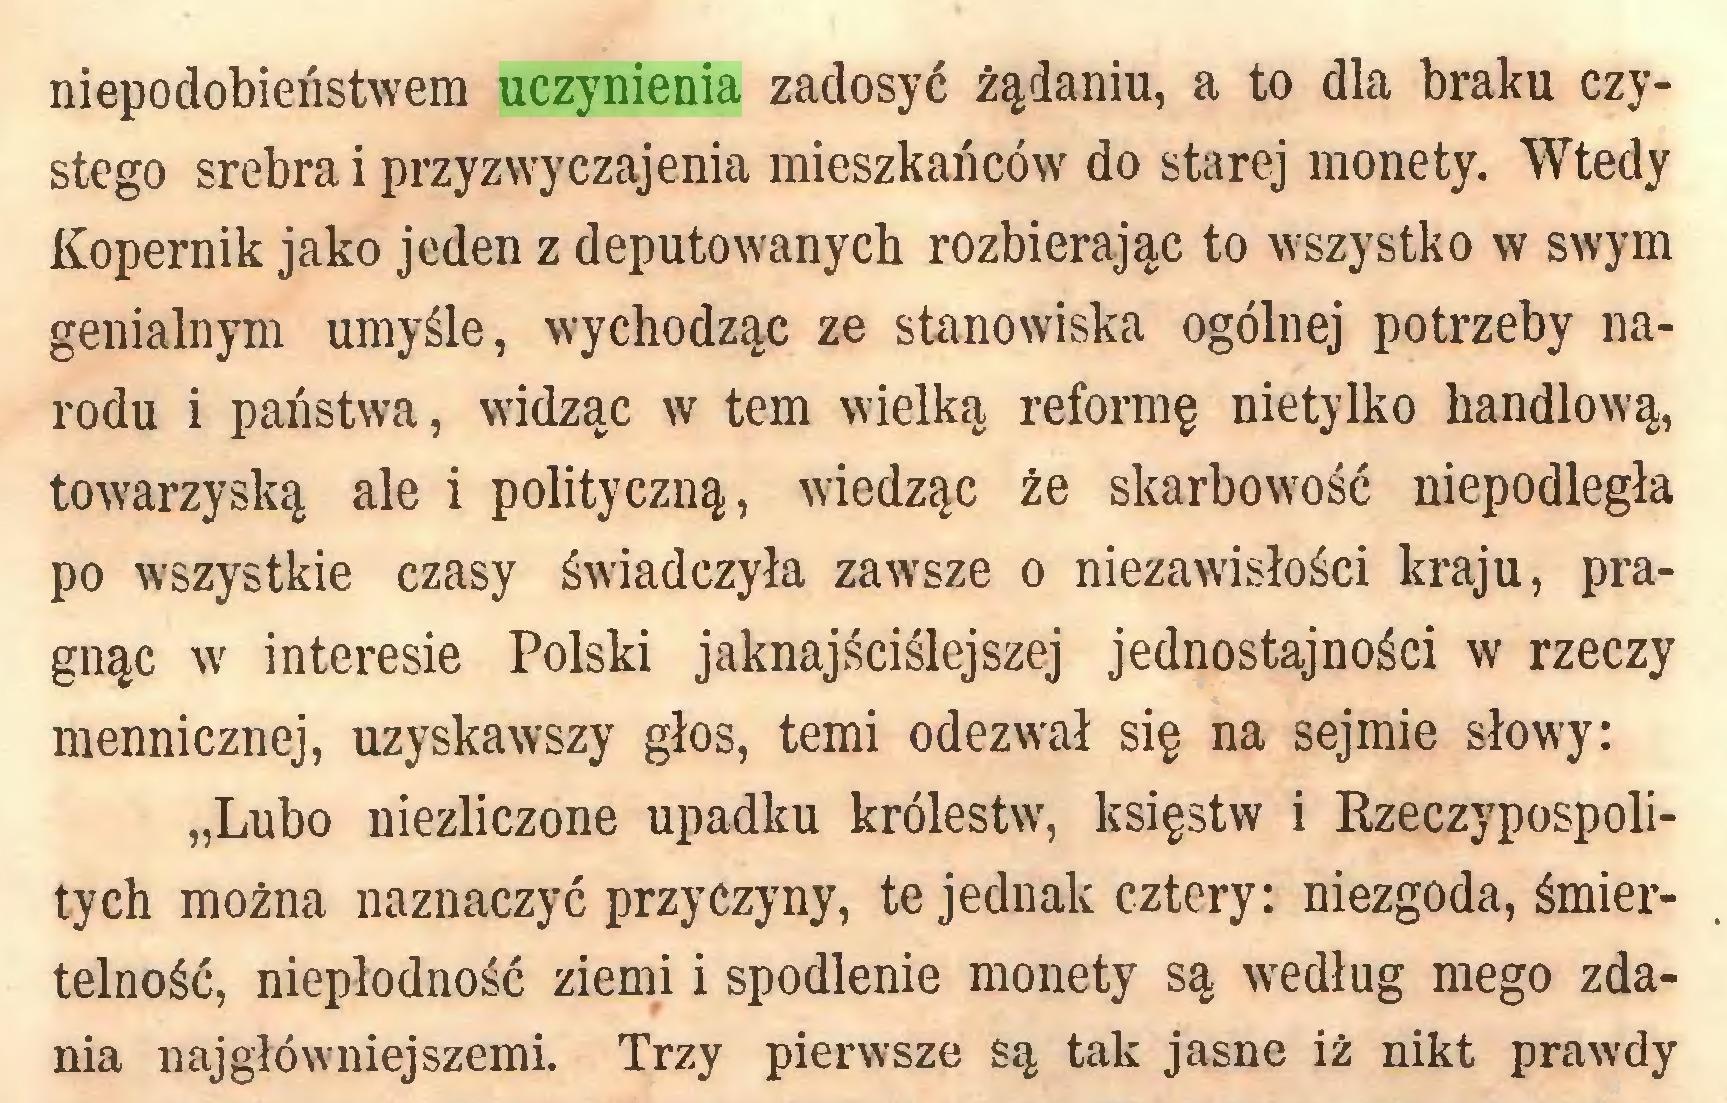 """(...) niepodobieństwem uczynienia zadosyć żądaniu, a to dla braku czystego srebra i przyzwyczajenia mieszkańców do starej monety. Wtedy Kopernik jako jeden z deputowanych rozbierając to wszystko w swym genialnym umyśle, wychodząc ze stanowiska ogólnej potrzeby narodu i państwa, widząc w tern wielką reformę nietylko handlową, towarzyską ale i polityczną, wiedząc że skarbowość niepodległa po wszystkie czasy świadczyła zawsze o niezawisłości kraju, pragnąc w interesie Polski jaknajściślejszej jednostajności w rzeczy mennicznej, uzyskawszy głos, temi odezwał się na sejmie słowy: """"Lubo niezliczone upadku królestw, księstw i Rzeczypospolitych można naznaczyć przyczyny, te jednak cztery: niezgoda, śmiertelność, niepłodność ziemi i spodlenie monety są według mego zdania najgłówniejszemi. Trzy pierwsze są tak jasne iż nikt prawdy..."""